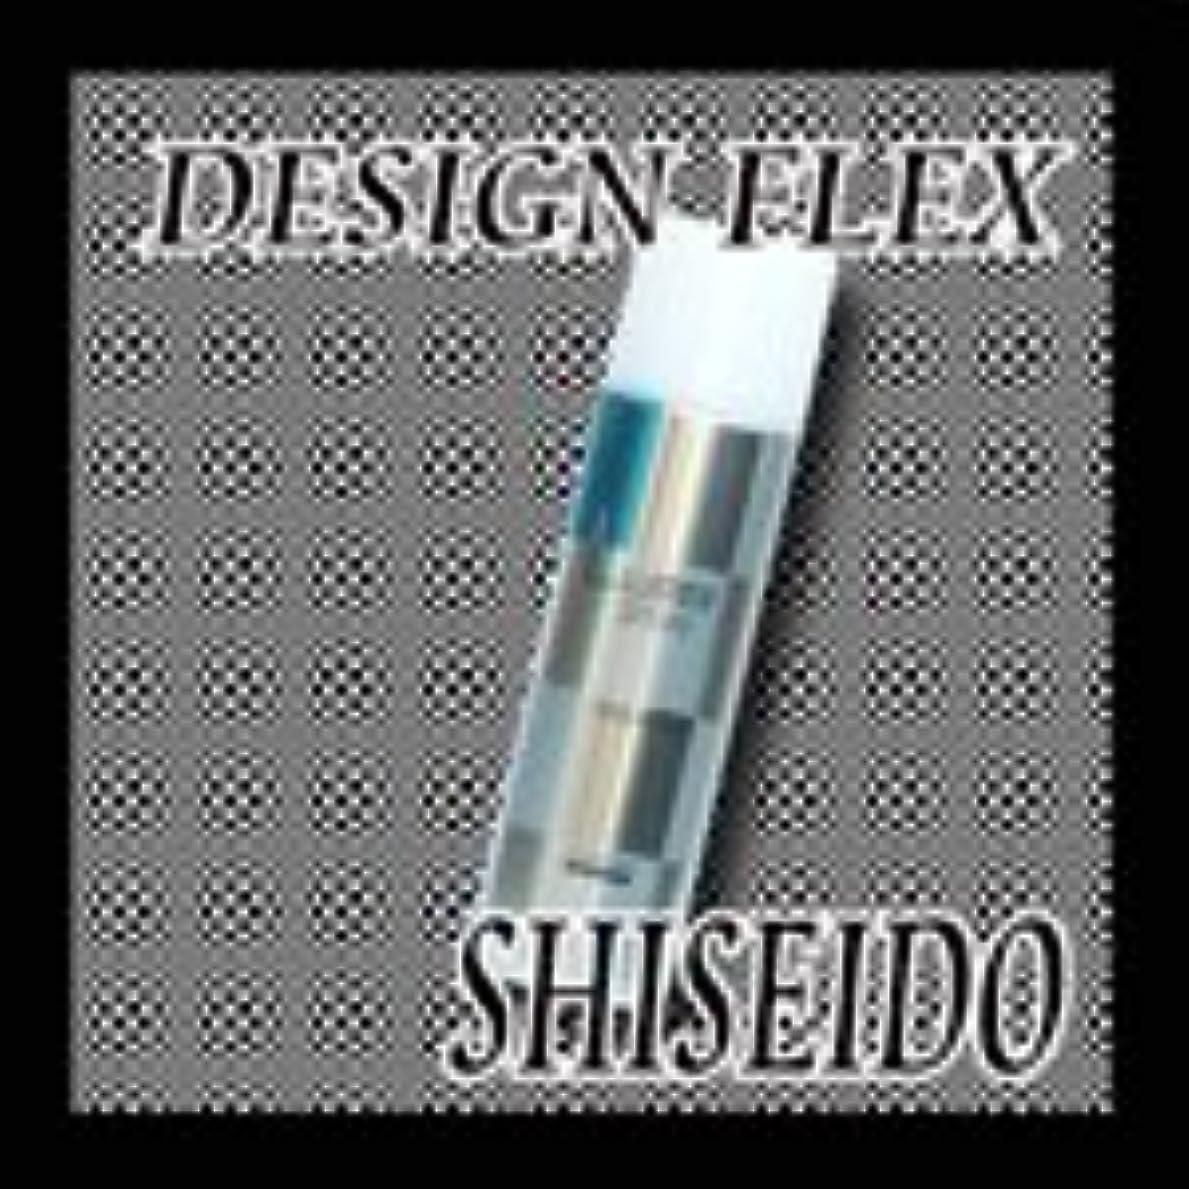 司書起きて最適SHISEIDO 資生堂 プロフェッショナル DESIGN FLEX デザインフレックス ラスタースプレー215g